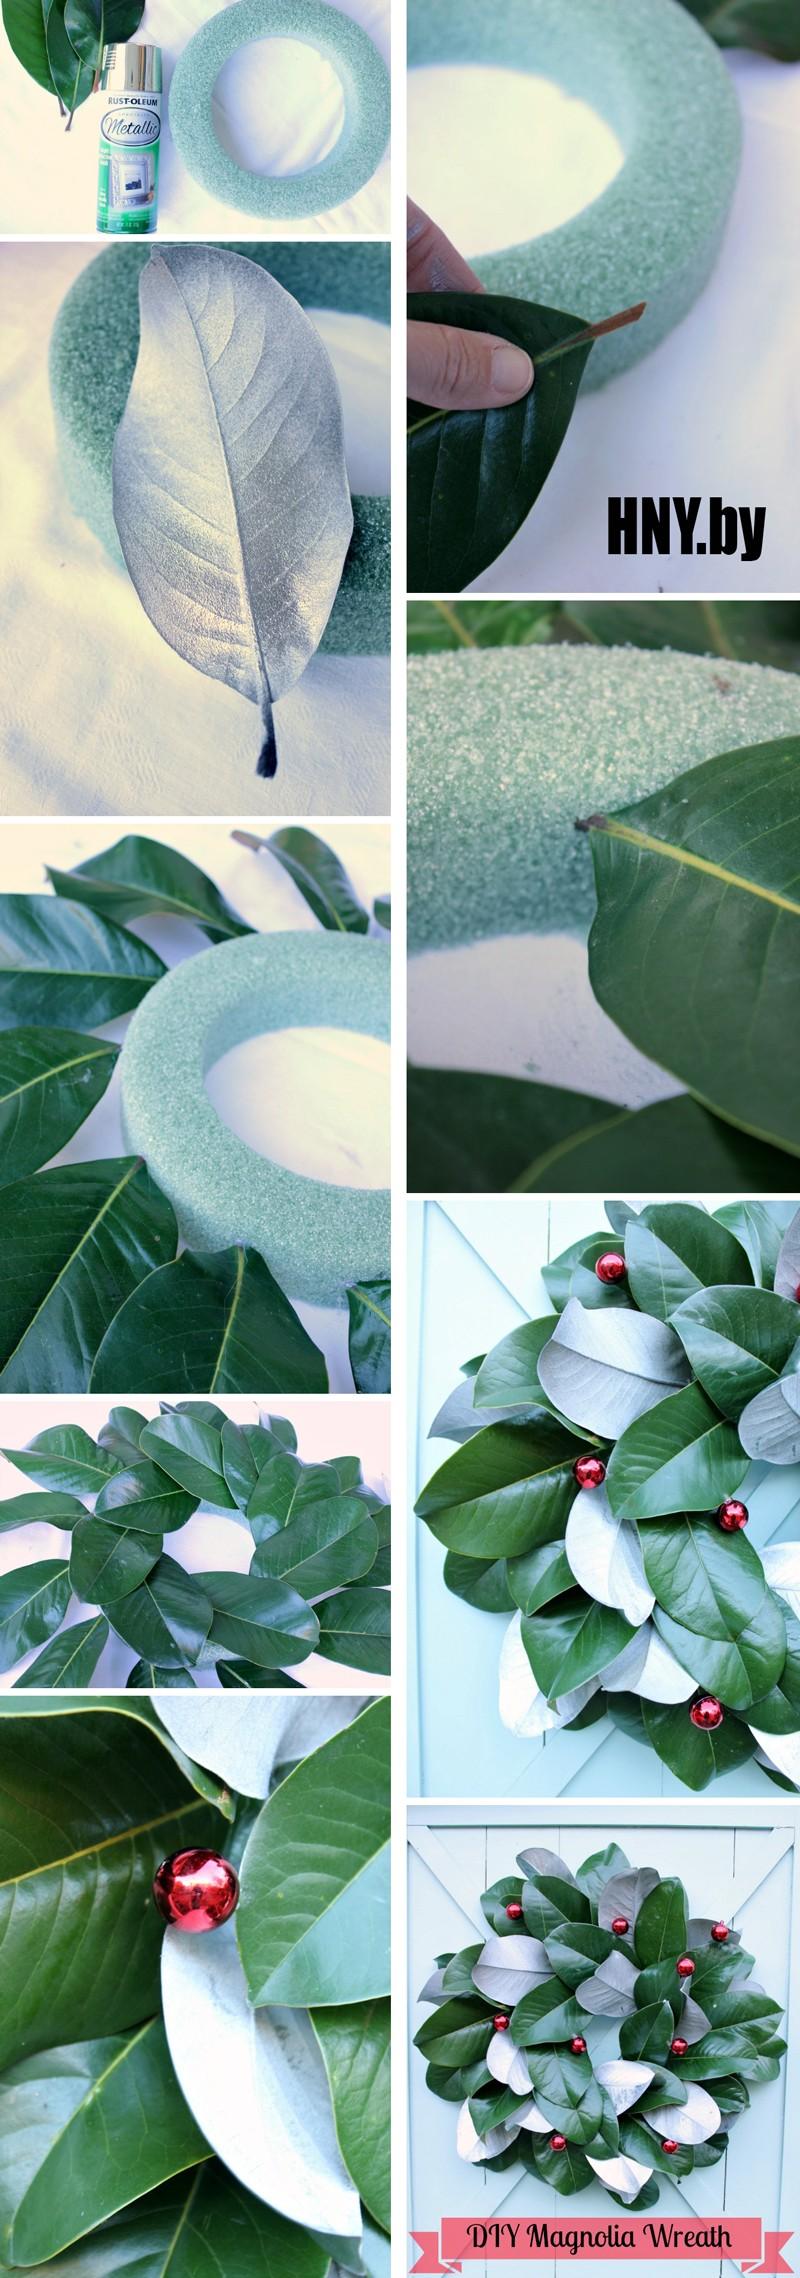 Новогодний венок из листьев магнолии – как сделать своими руками